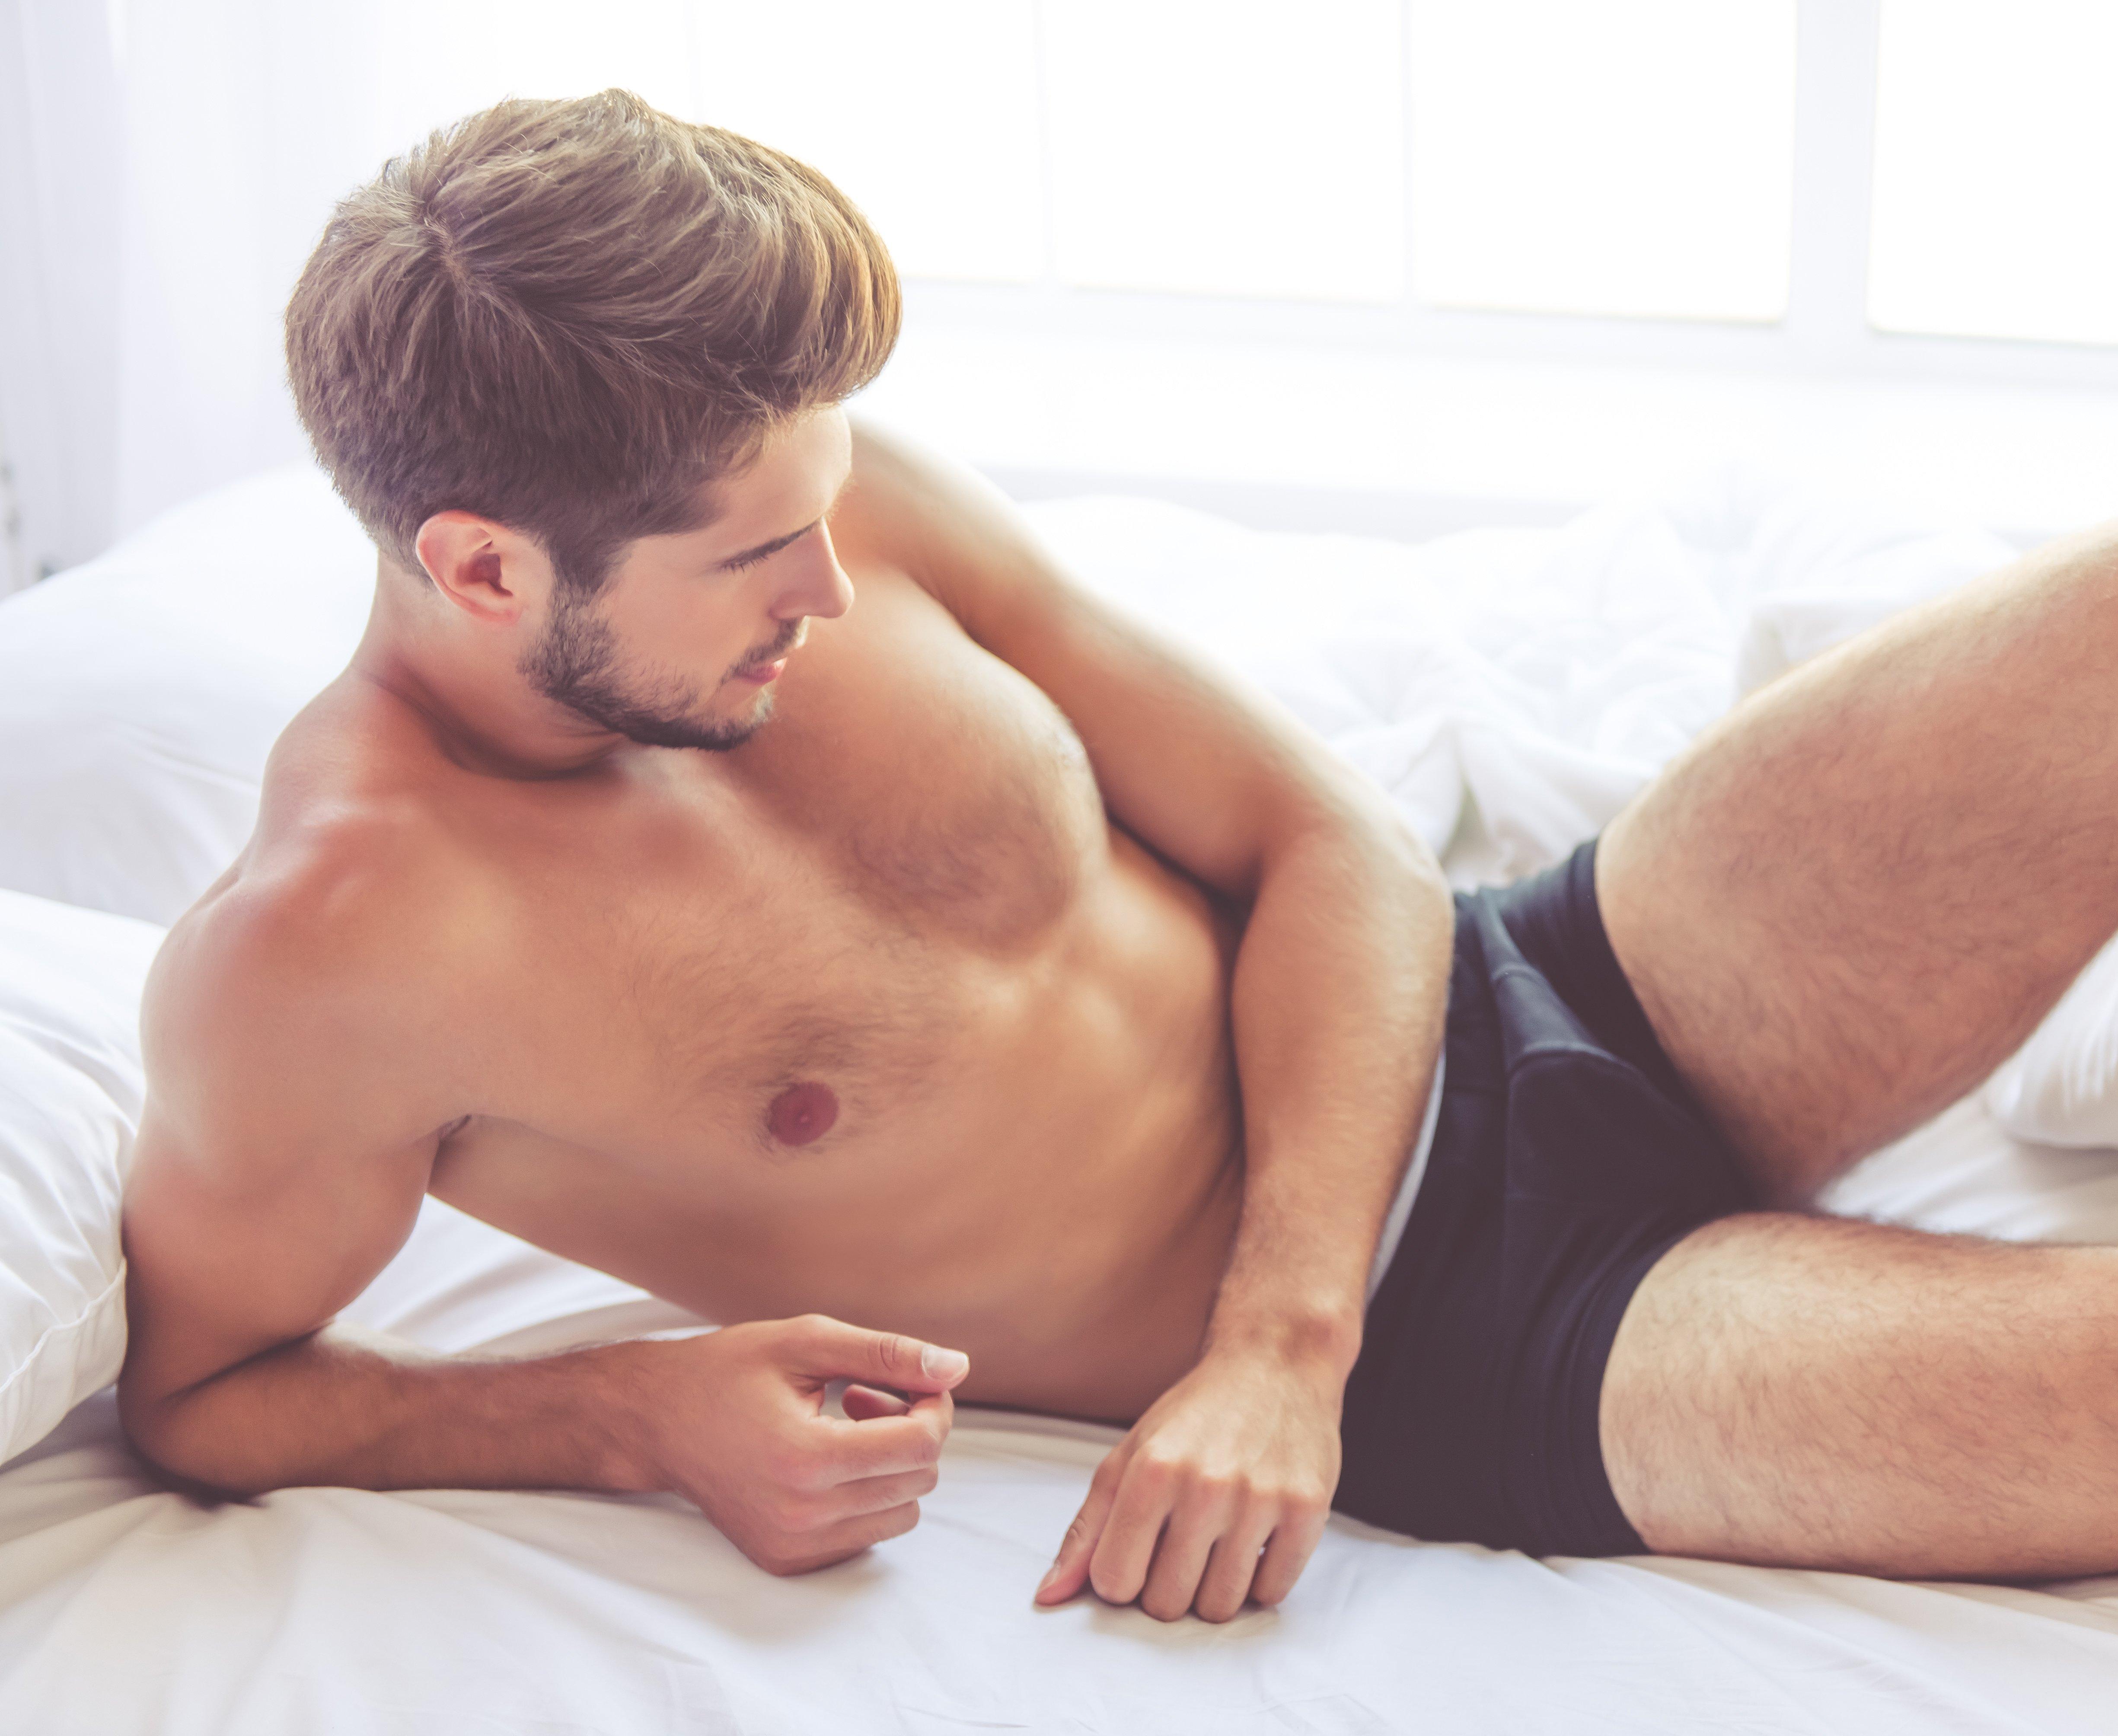 Bokserki czy slipy? Jakie majtki wybrać dla mężczyzny?